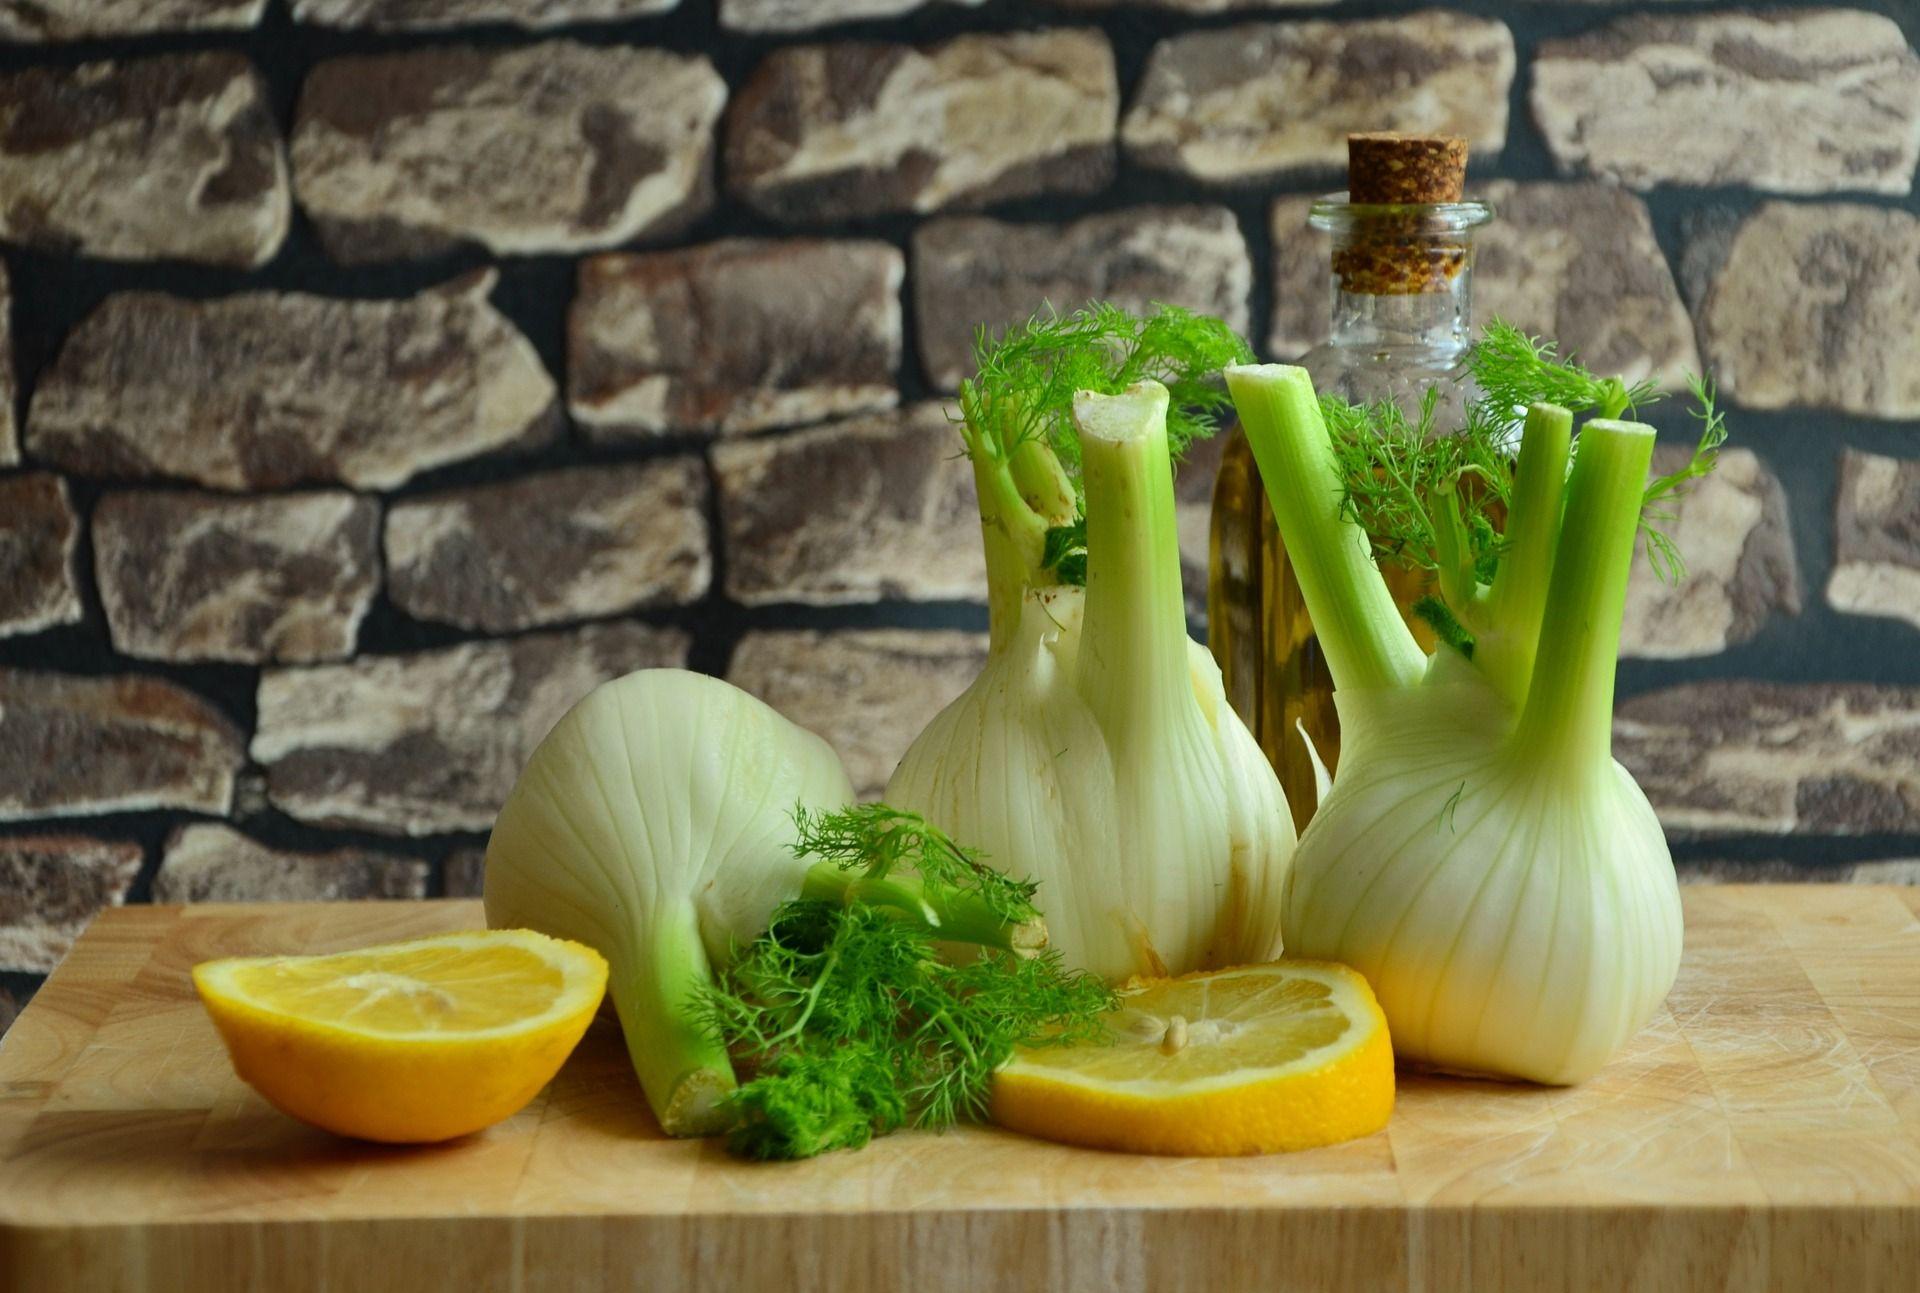 Diete Per Perdere Peso In Un Mese : La dieta del finocchio permette entro un mese di ridurre il gonfiore